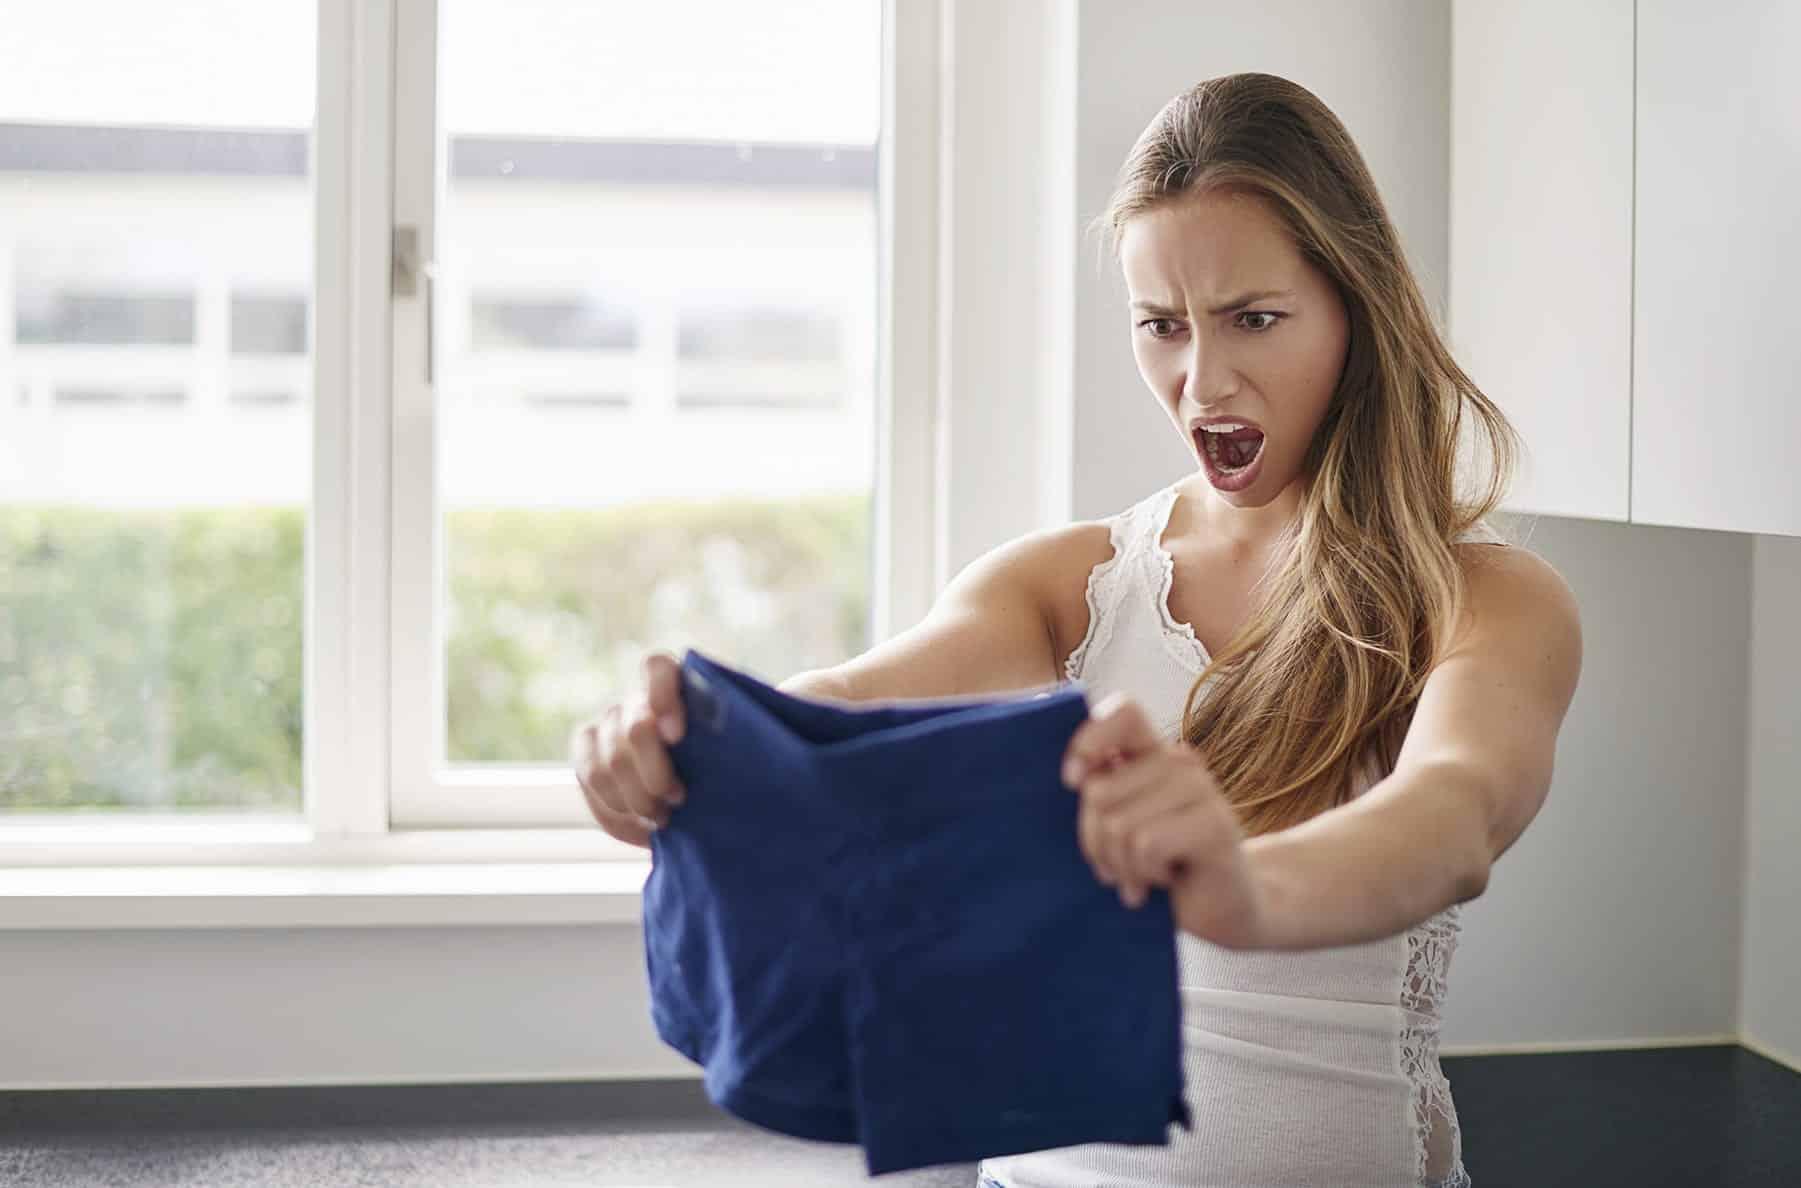 Comment récupérer un vêtement qui a rétréci dans le lavage?